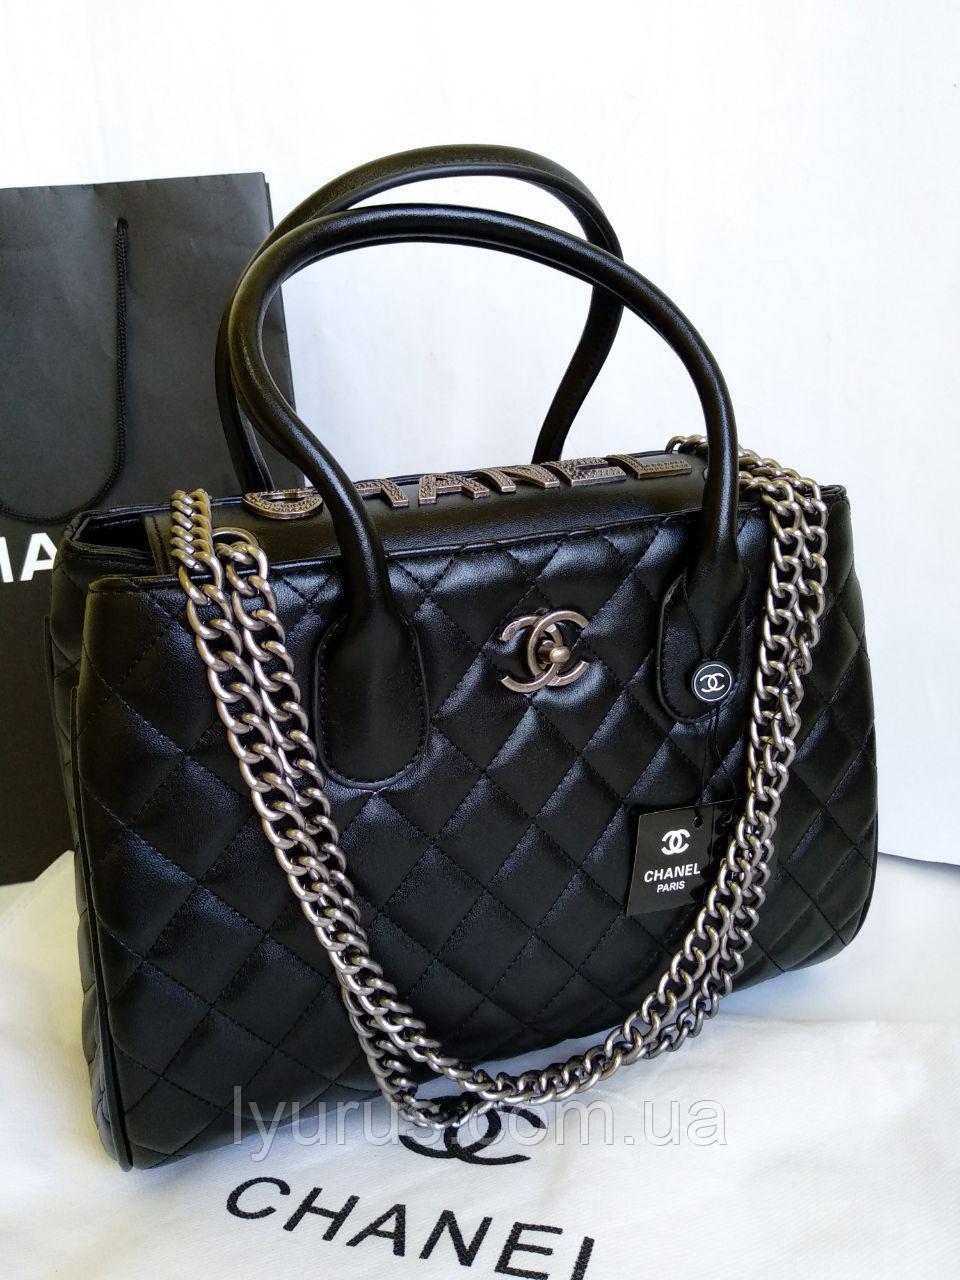 43856cf54390 Женская сумка в стиле Шанель стеганная - Интернет магазин LyuRus в Полтаве